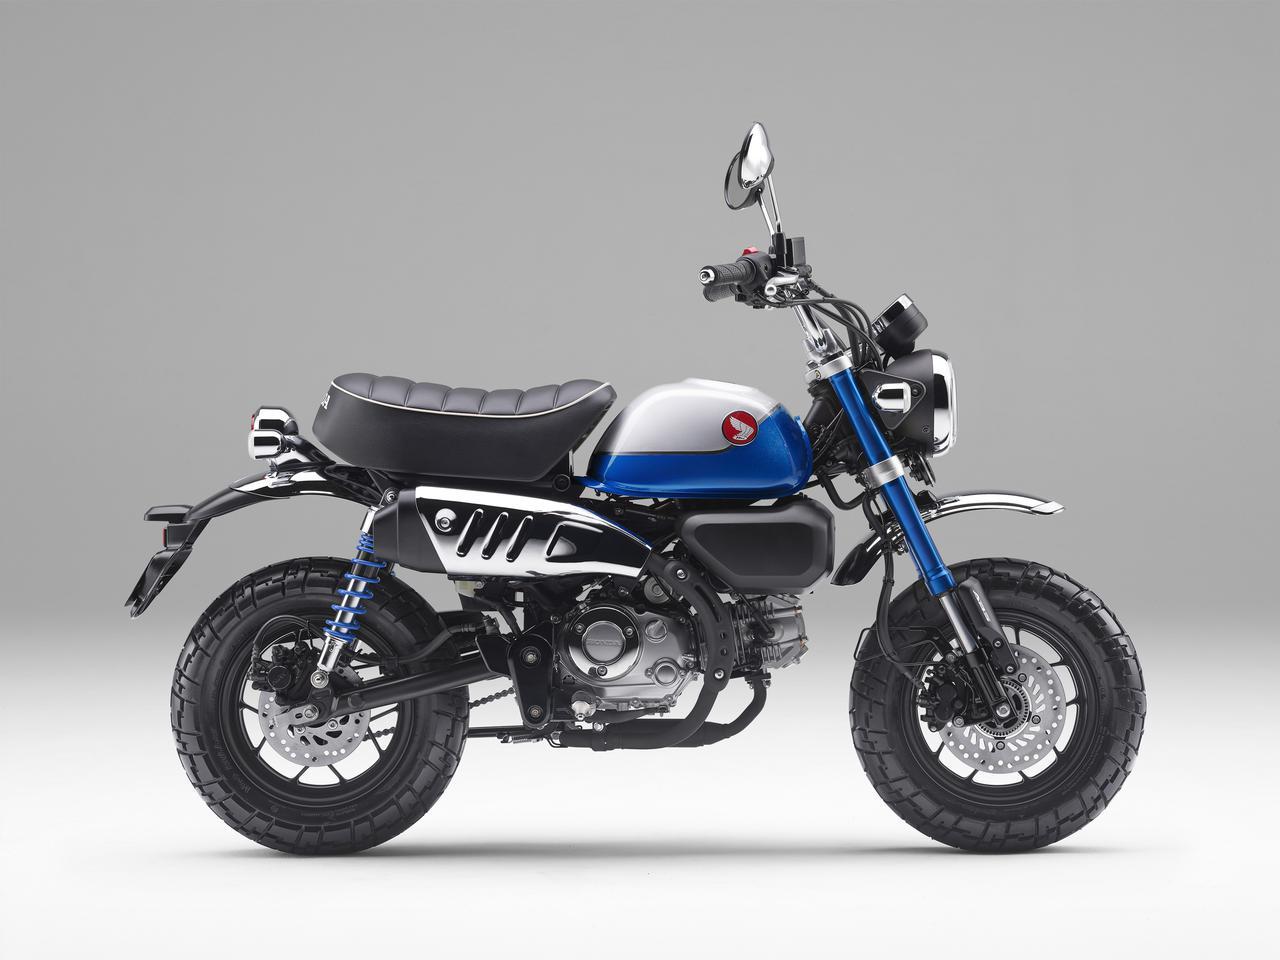 画像2: ホンダ「モンキー125」がモデルチェンジ! 新型エンジン&5速ミッションを採用、価格は従来のABS車から据え置きで発売